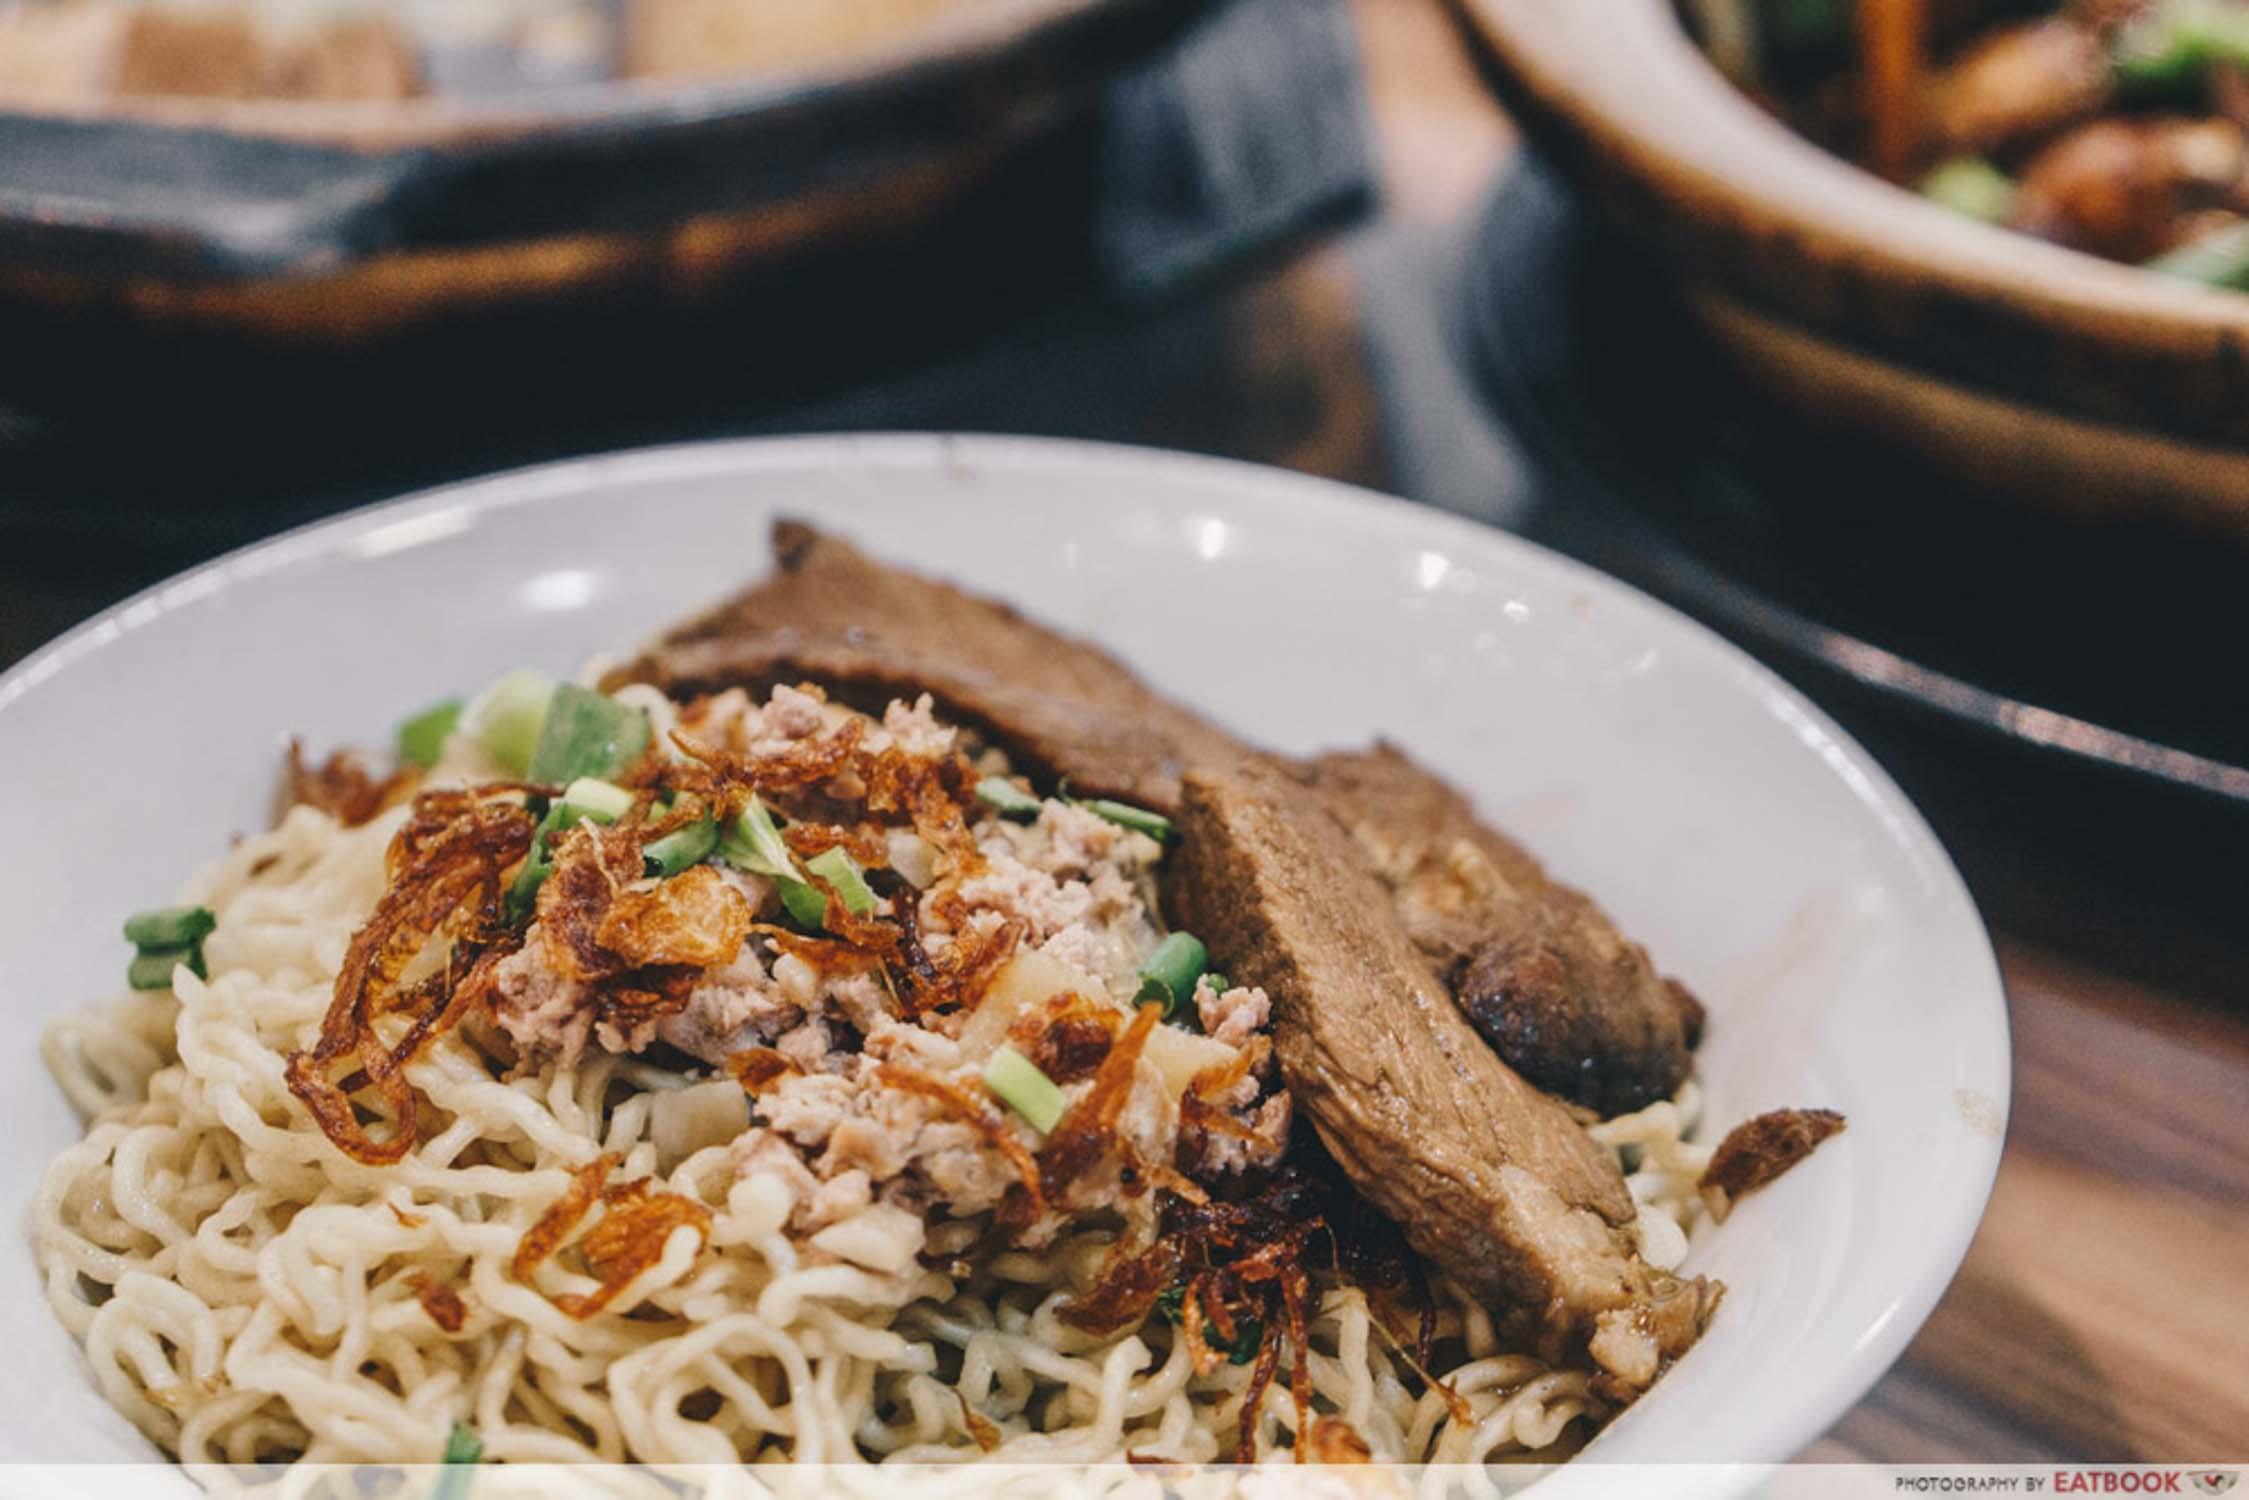 Good Taste Bak Kut Teh - Sarawak Kolo Mee Intro